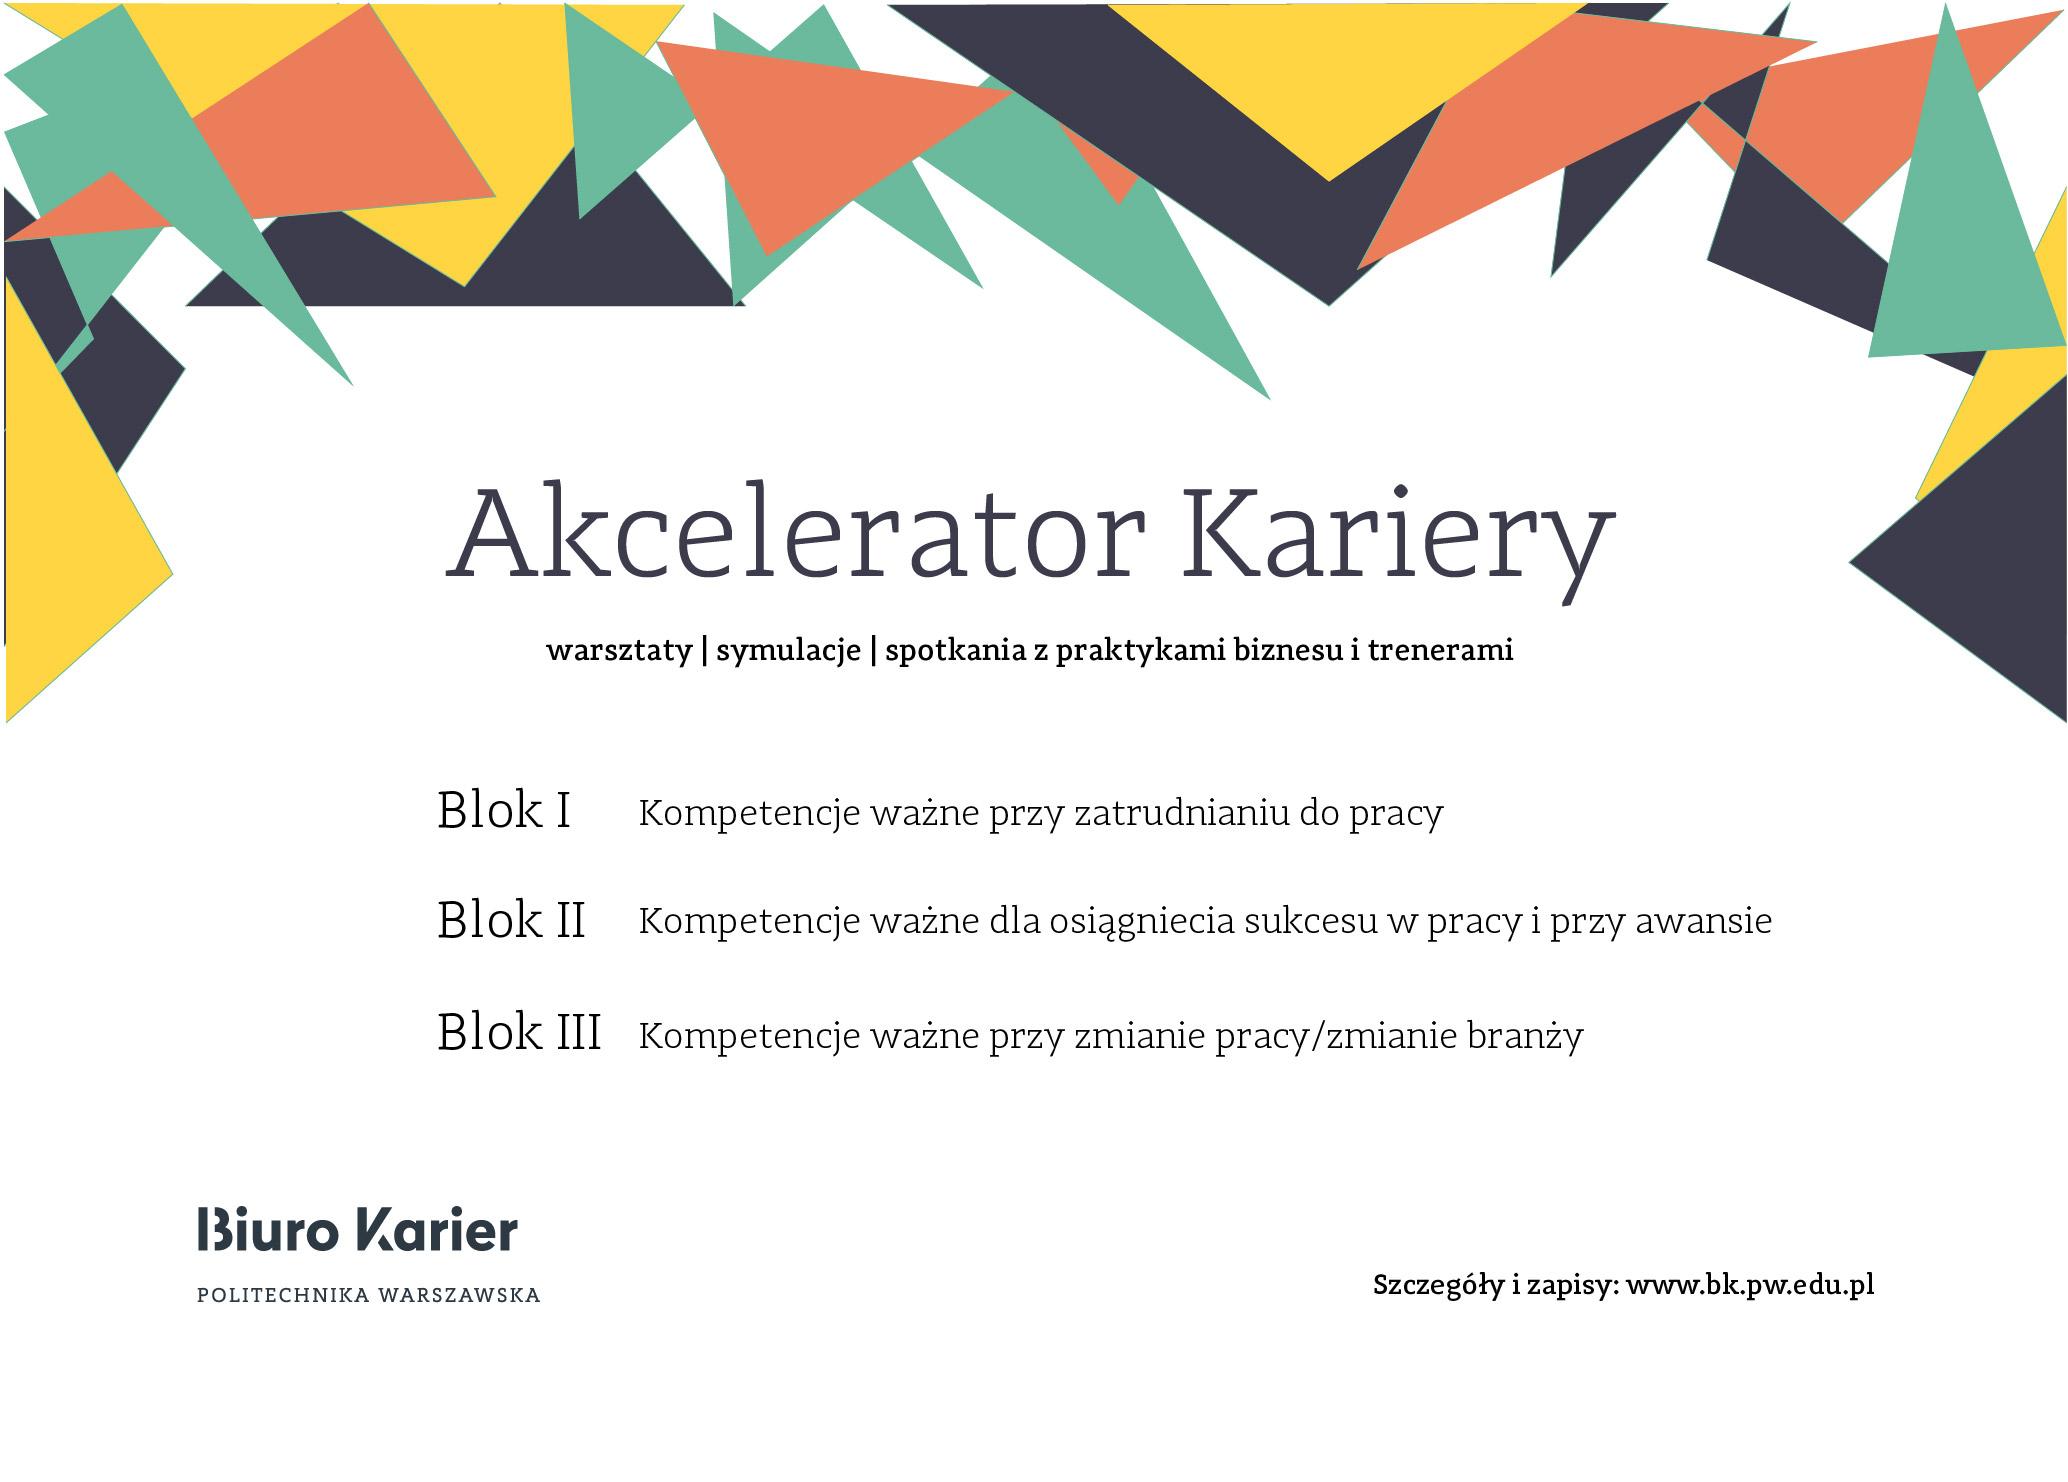 Akcelerator Kariery- Blok III- Kompetencje ważne przy zmianie pracy/zmianie branży